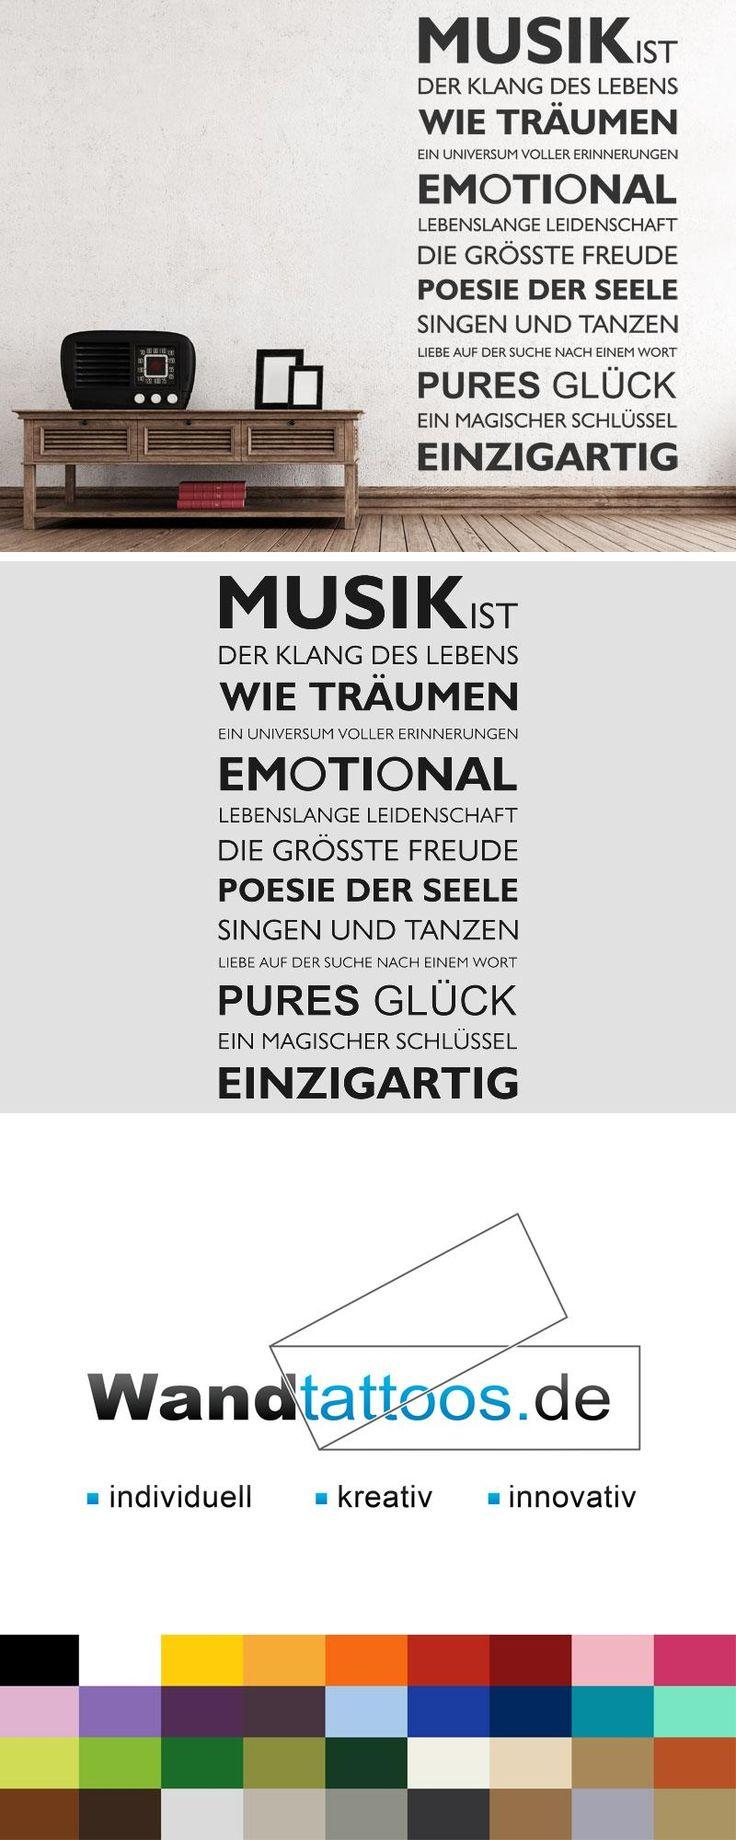 Wandtattoo Musik ist... als Idee zur individuellen Wandgestaltung. Einfach Lieblingsfarbe und Größe auswählen. Weitere kreative Anregungen von Wandtattoos.de hier entdecken!